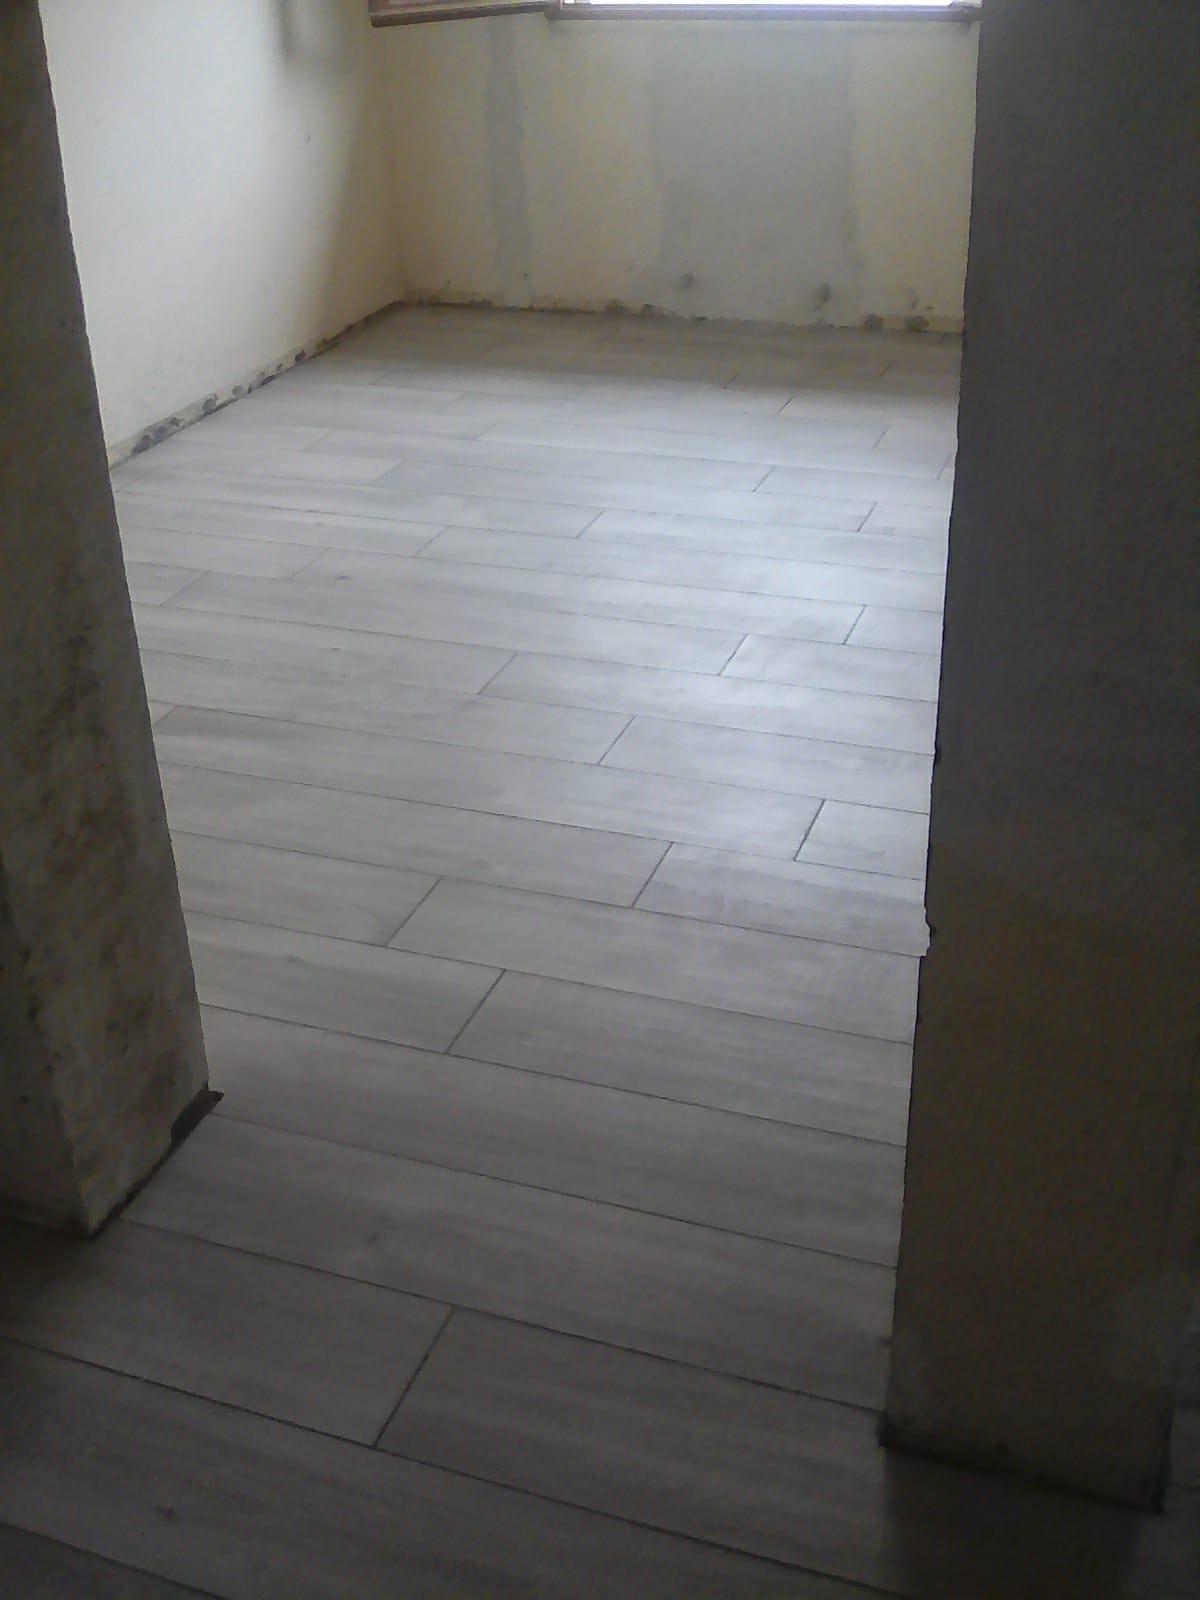 pavimenti edil 900 costruzioni canossa val d'enza reggio emilia parma